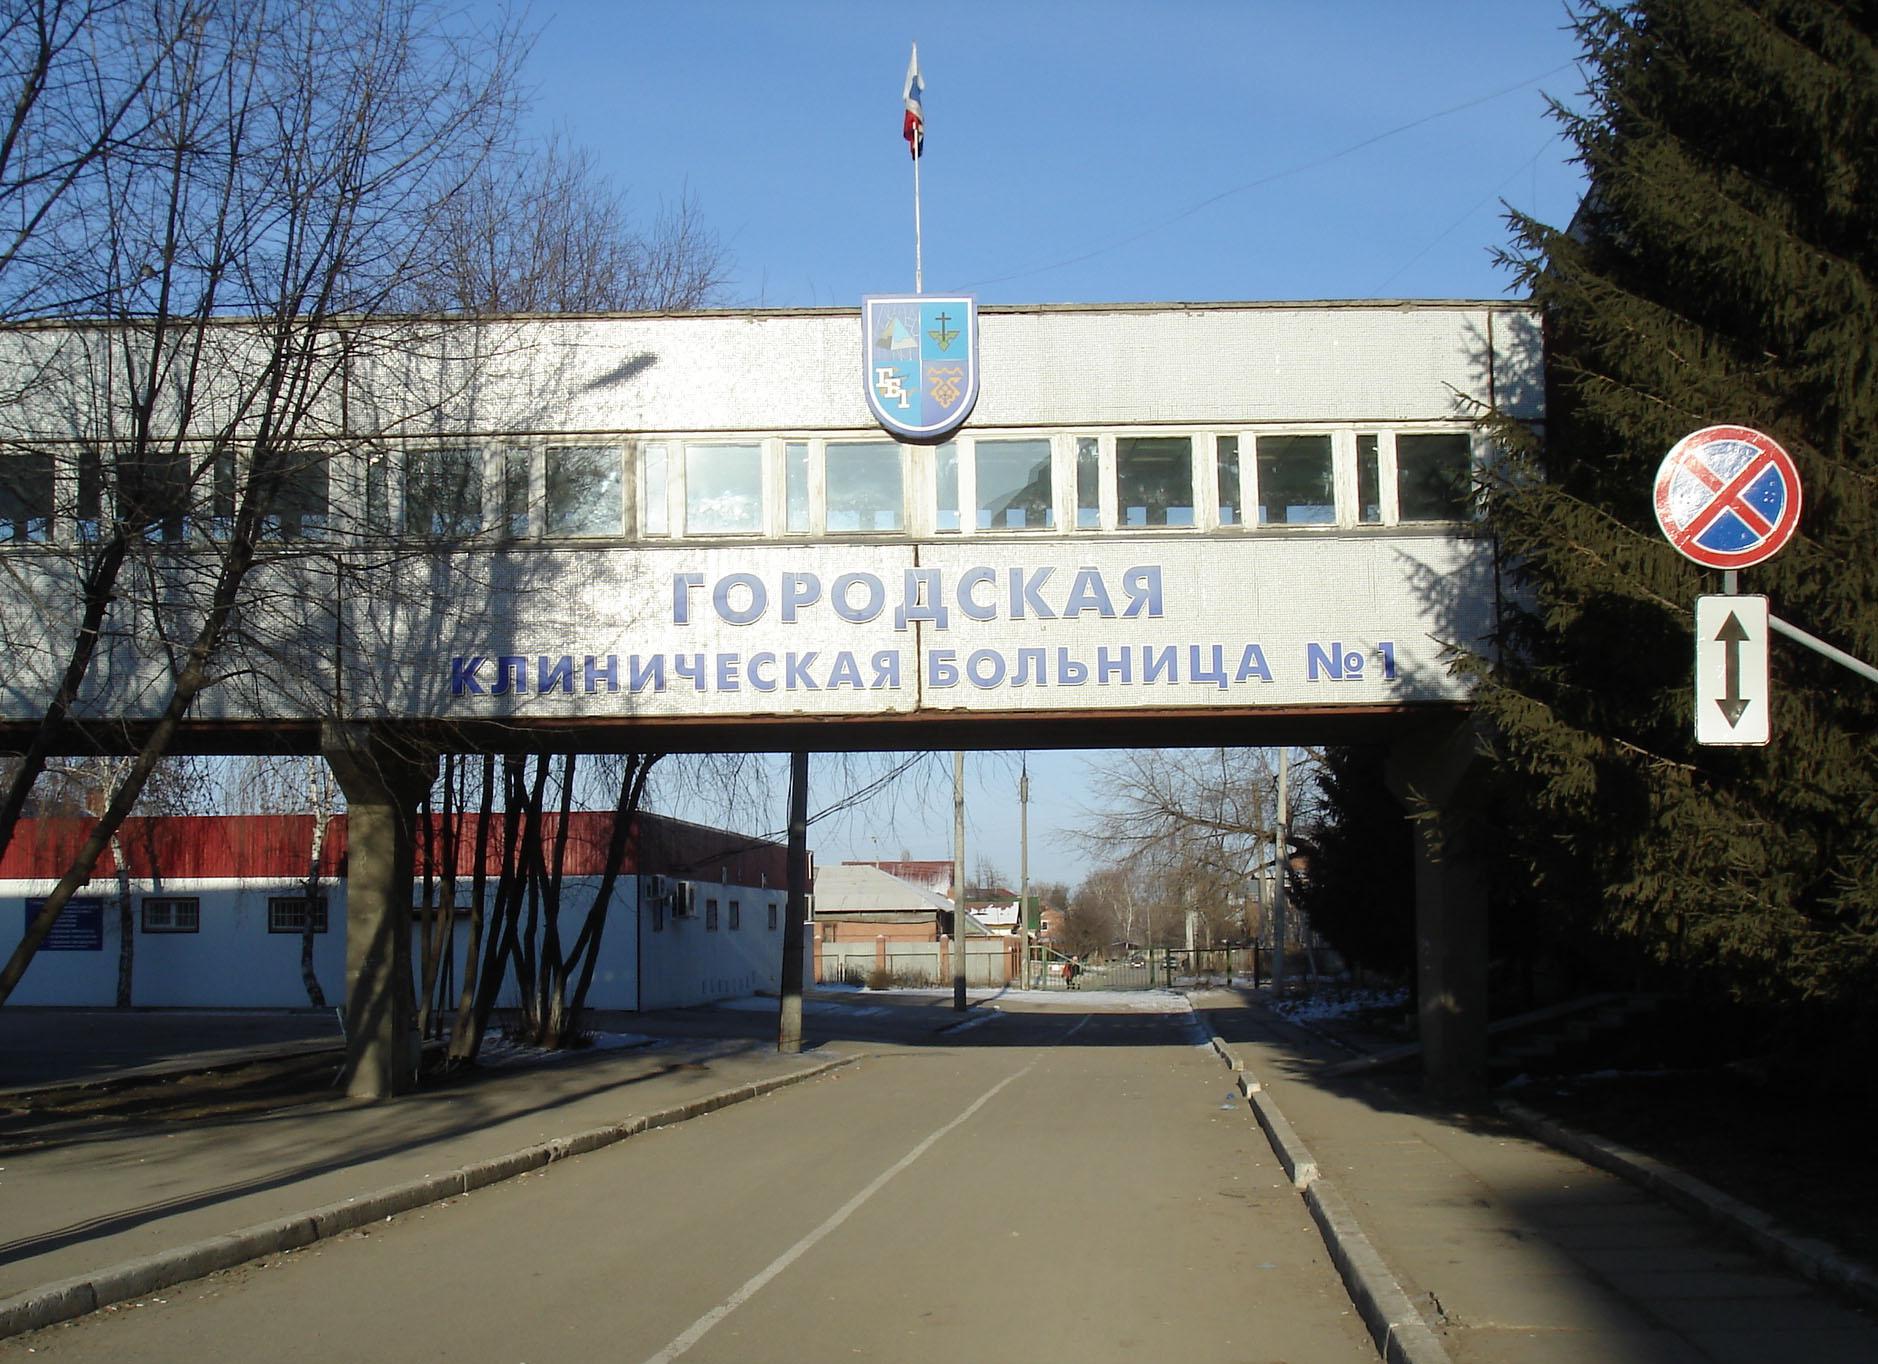 Адрес детской областной больницы на ломоносова